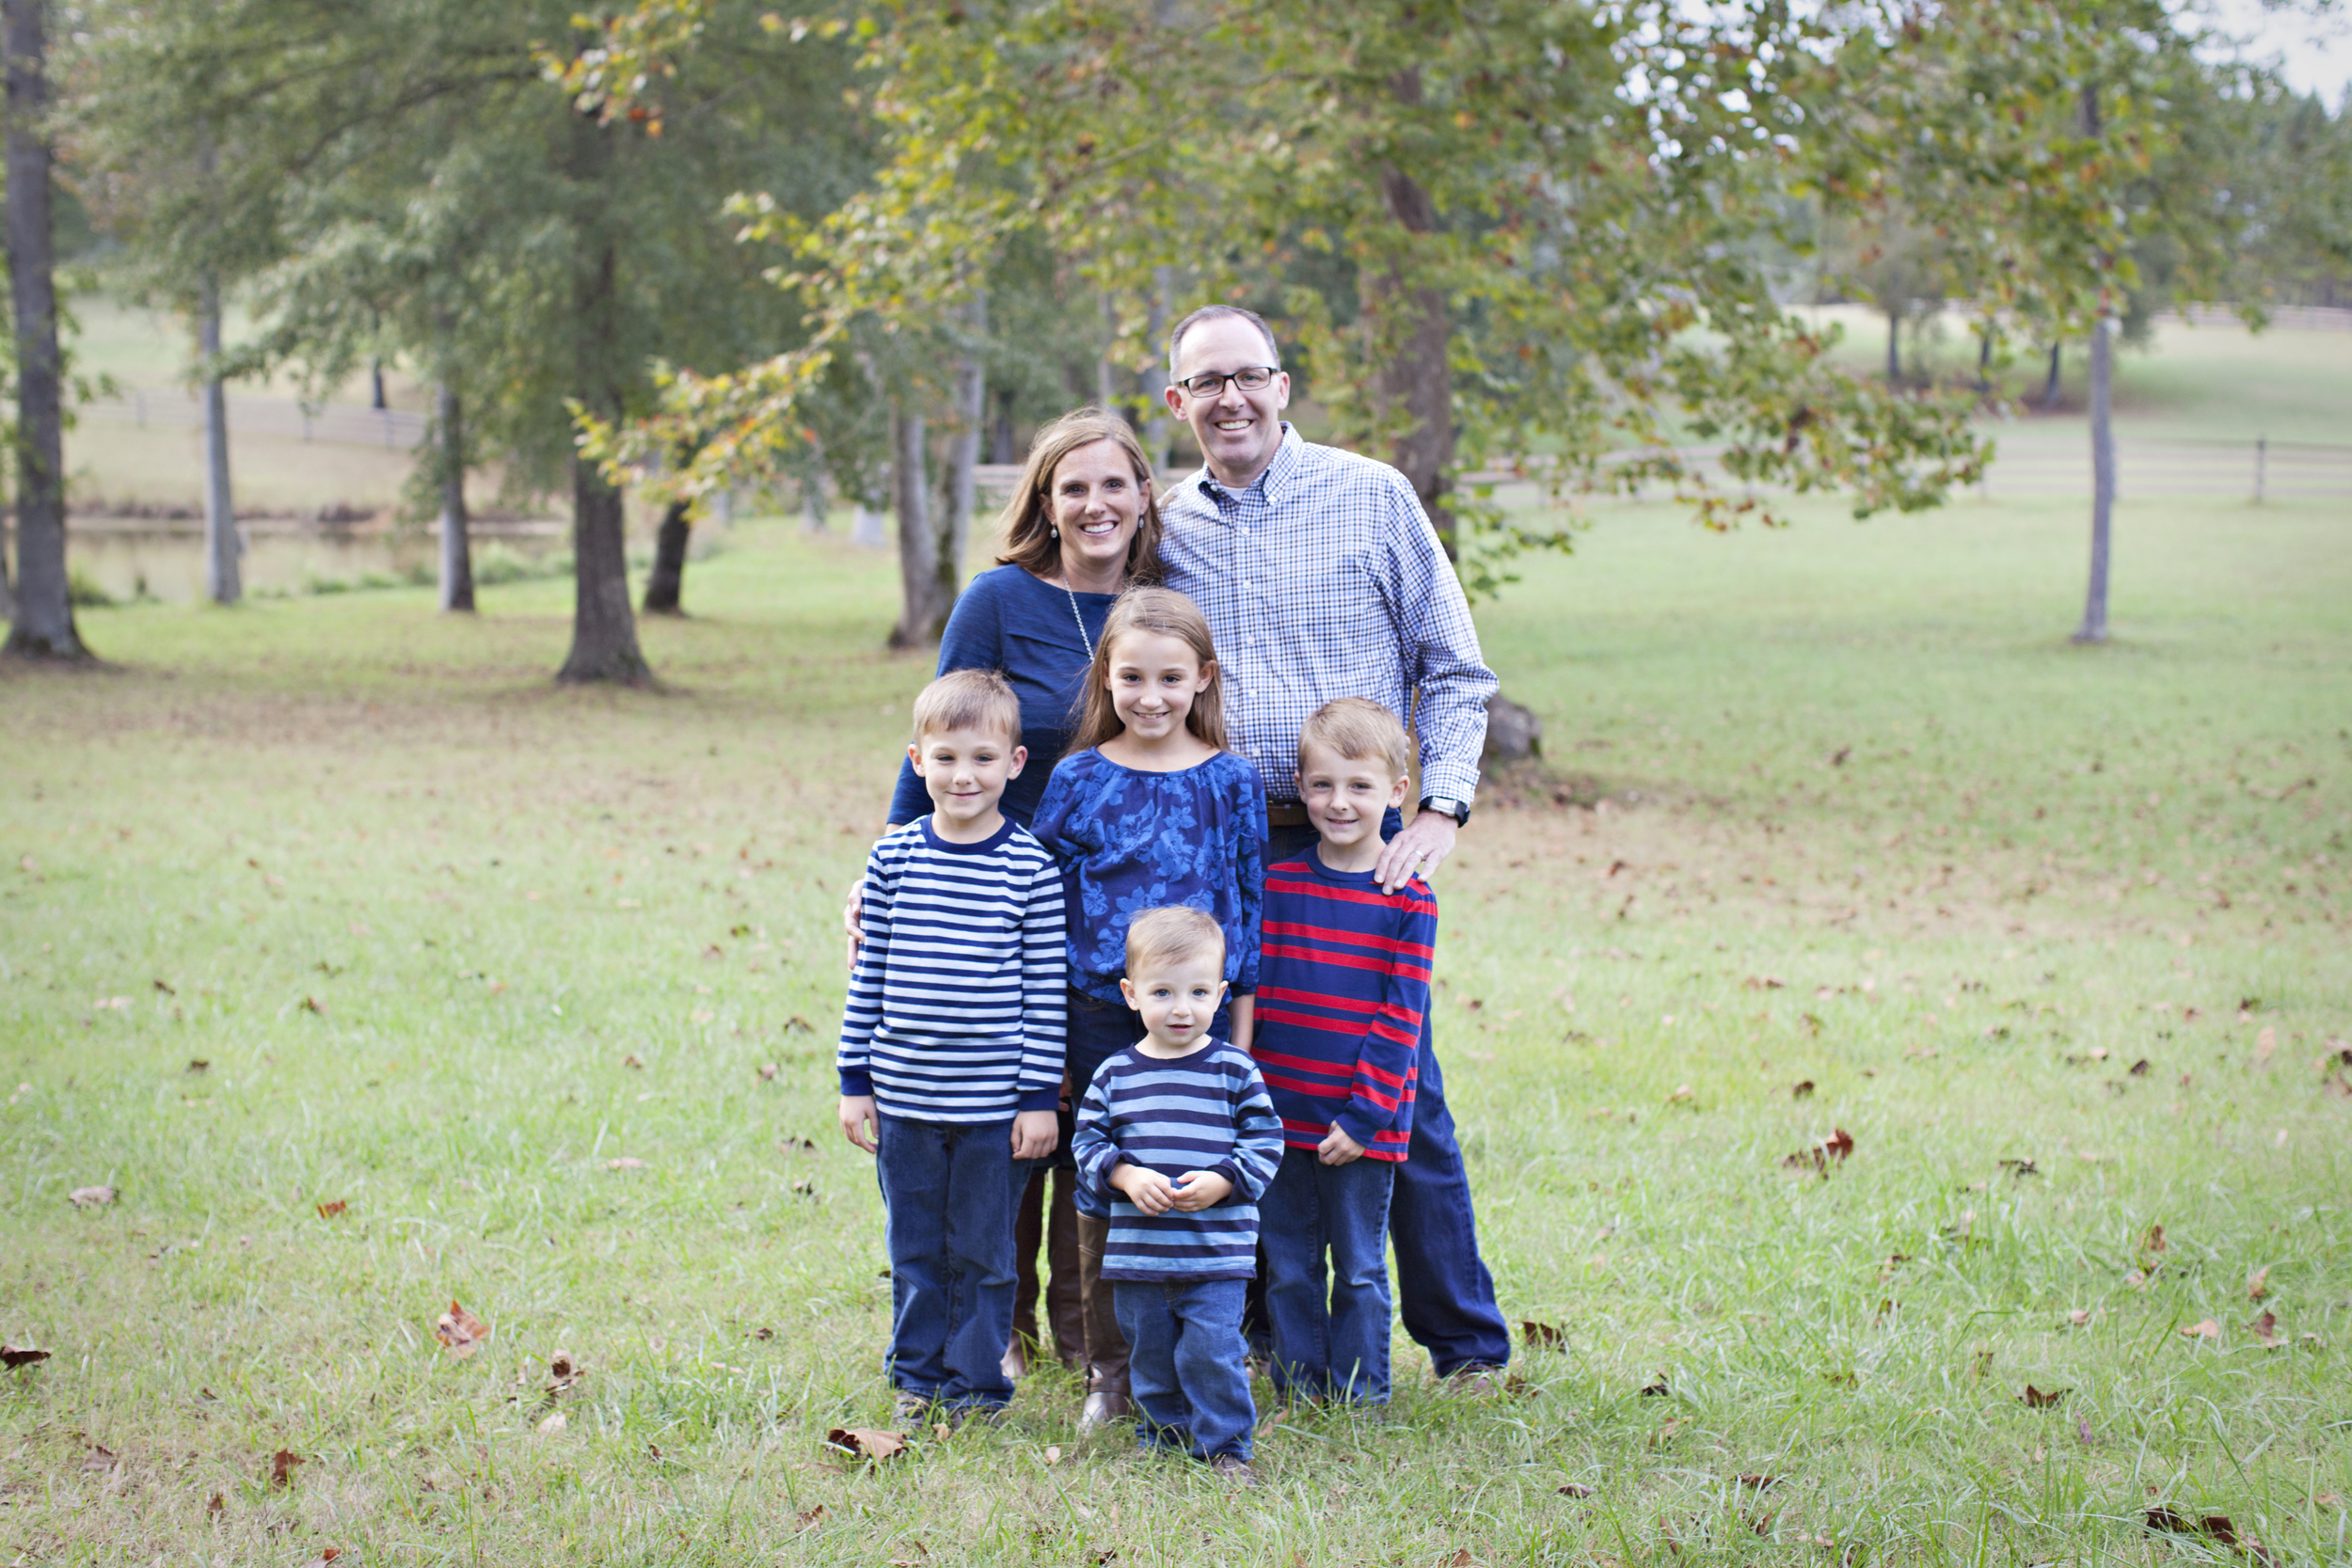 Pamela & Family